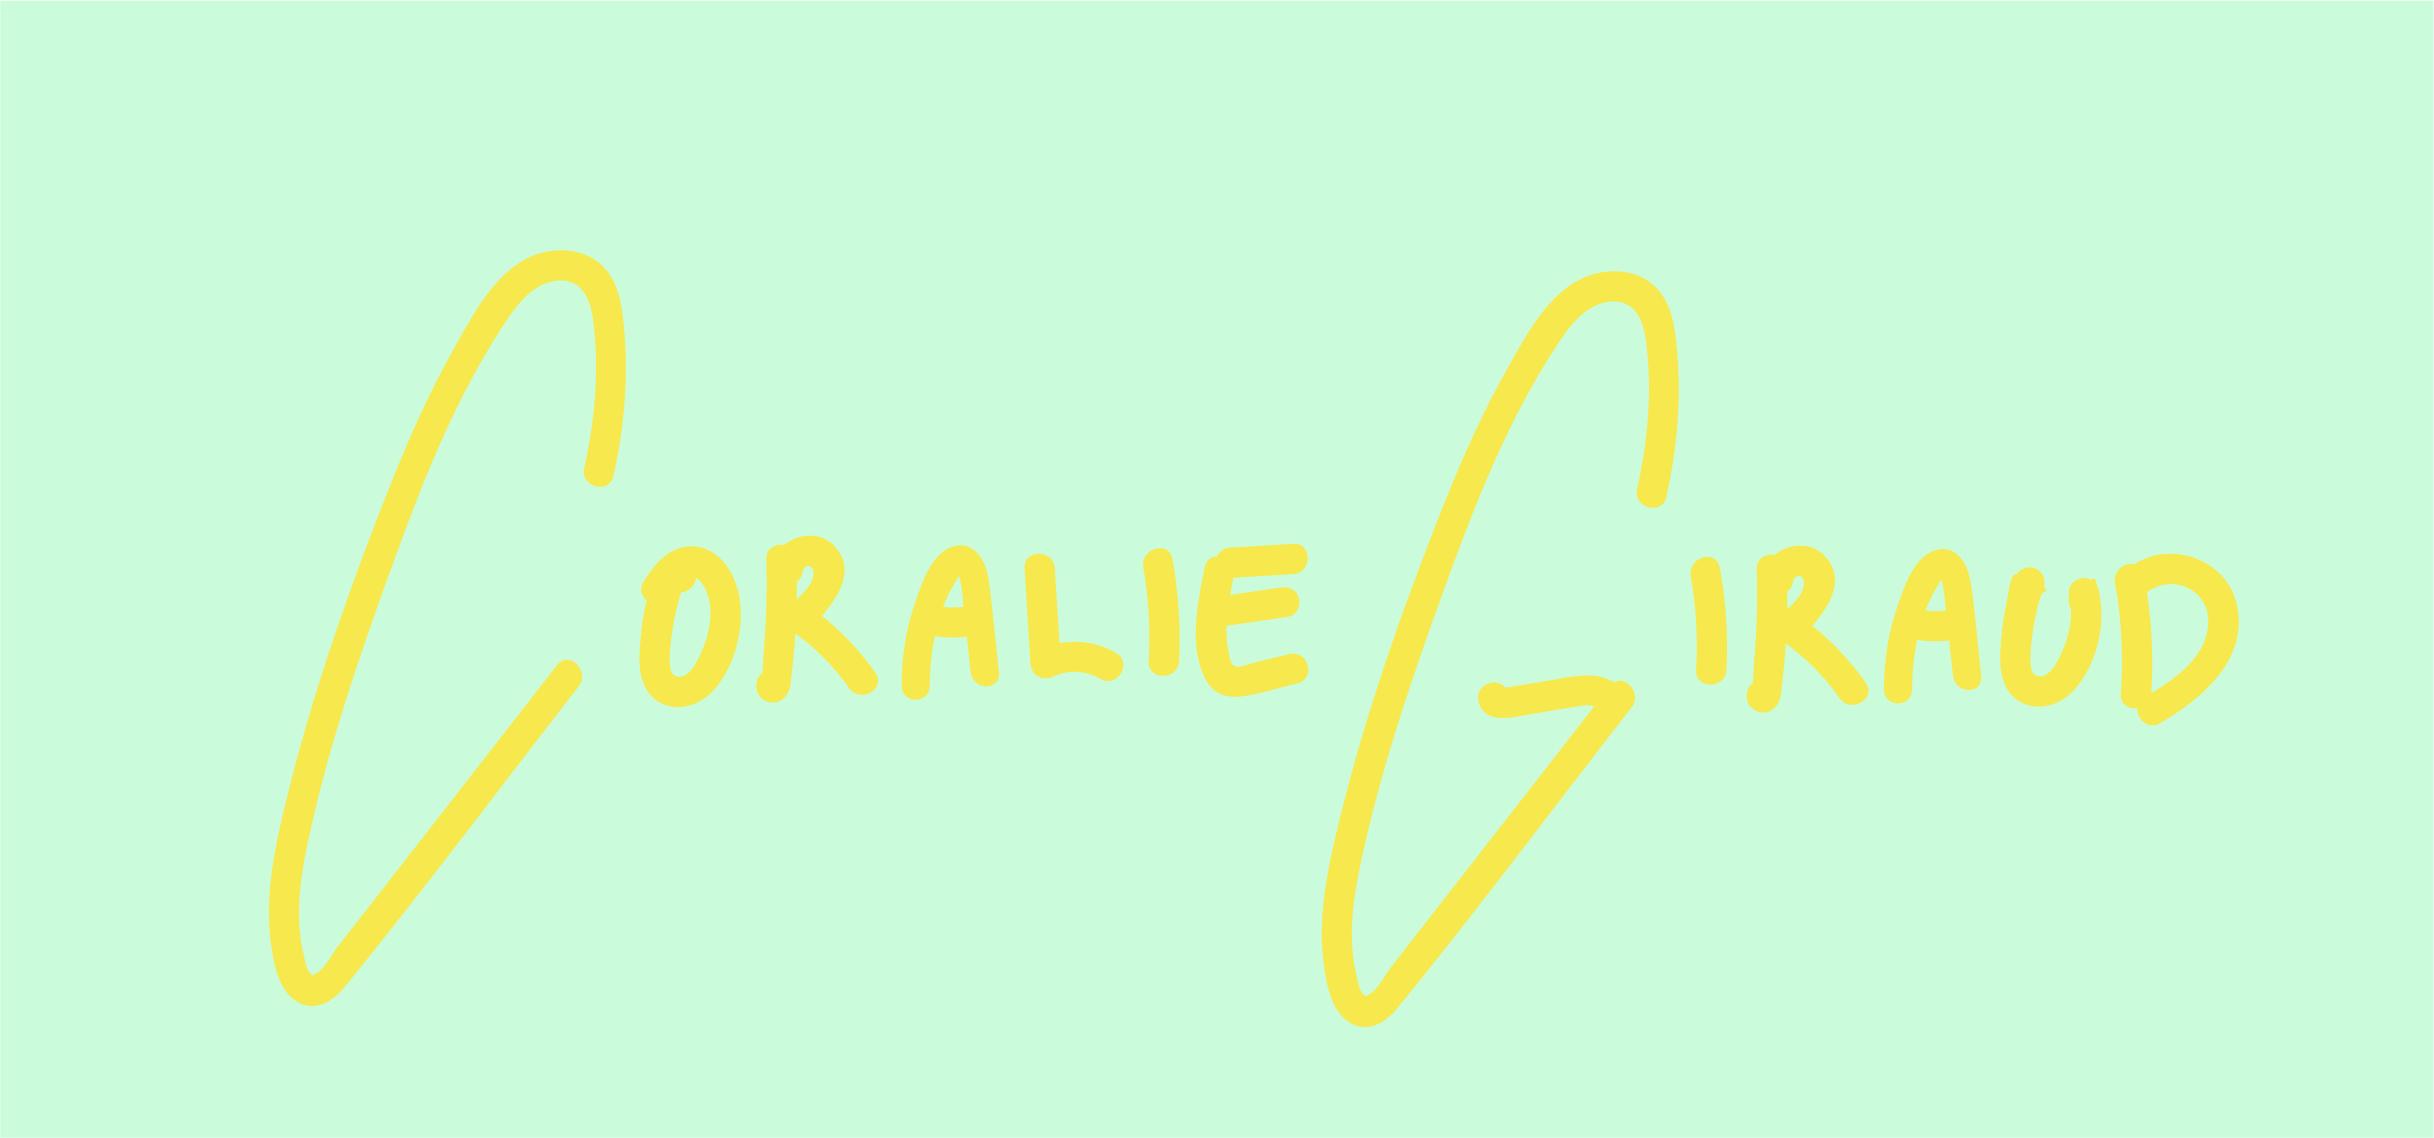 Coralie Giraud